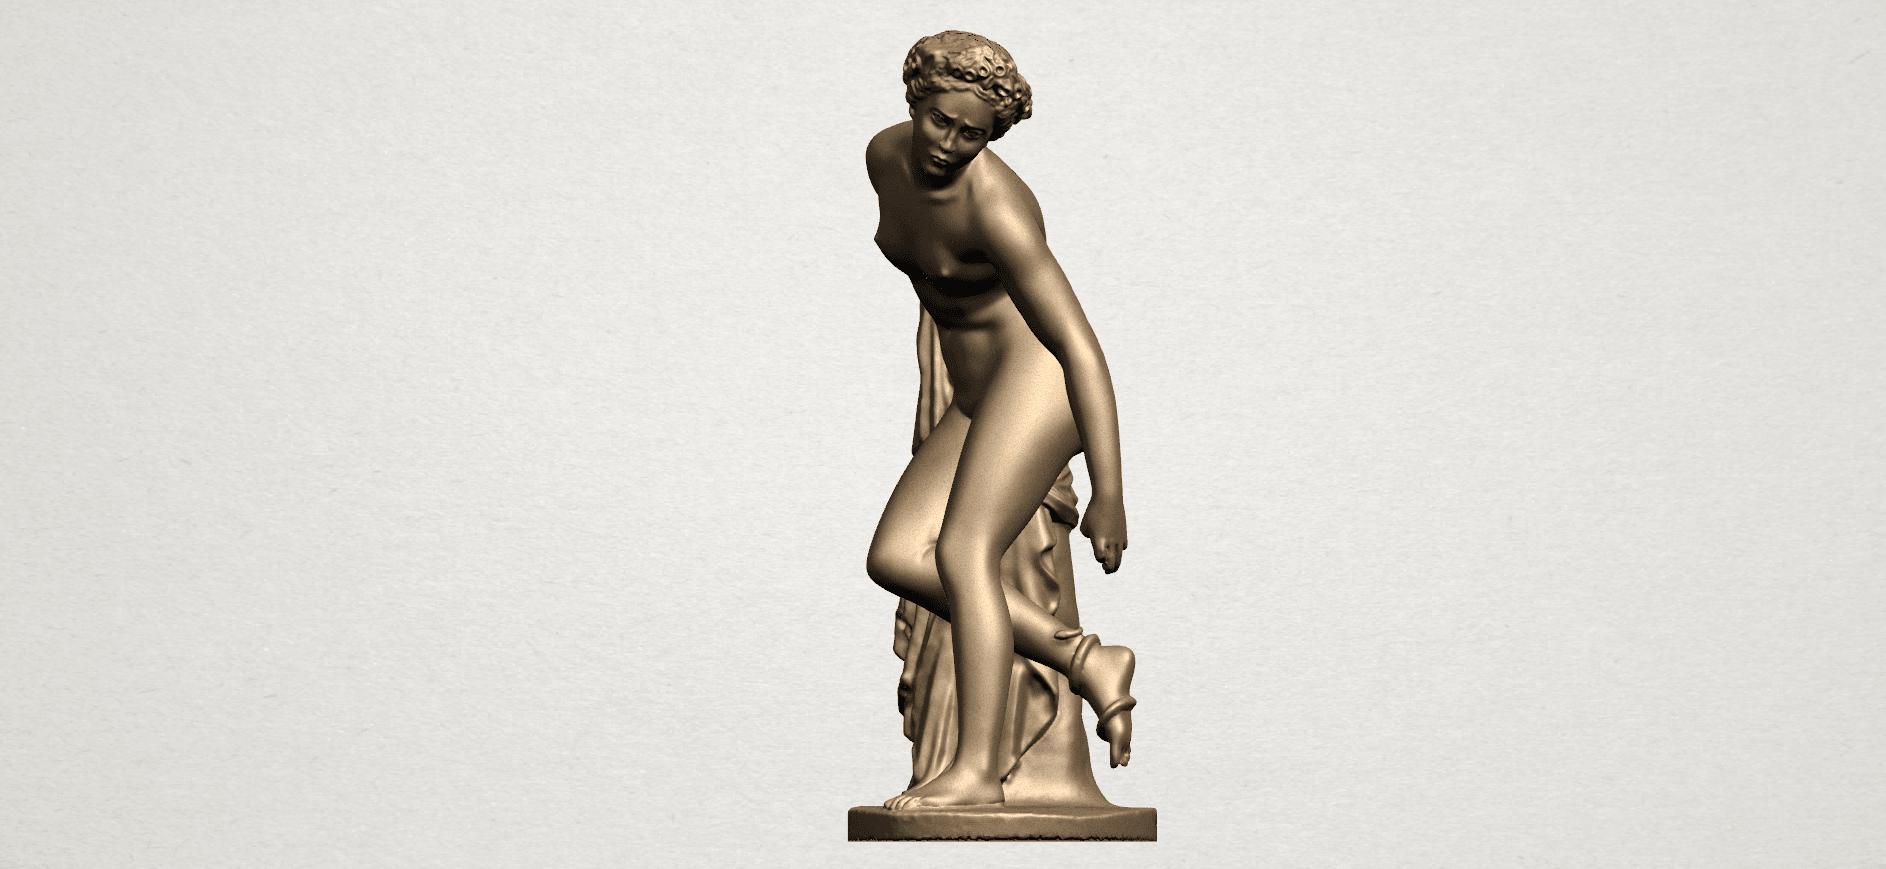 Naked Girl (v) A01.png Download free STL file Naked Girl 05 • 3D printer design, GeorgesNikkei